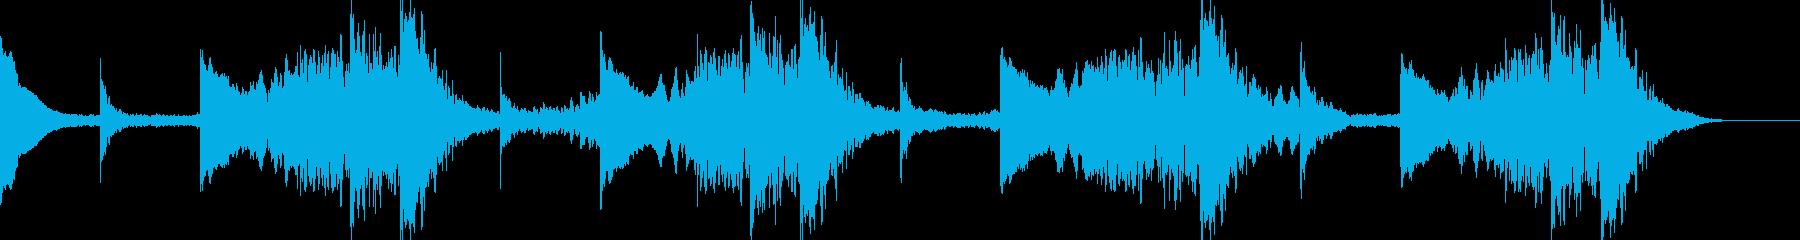 悪いことが起こる前に流れそうな音楽です。の再生済みの波形